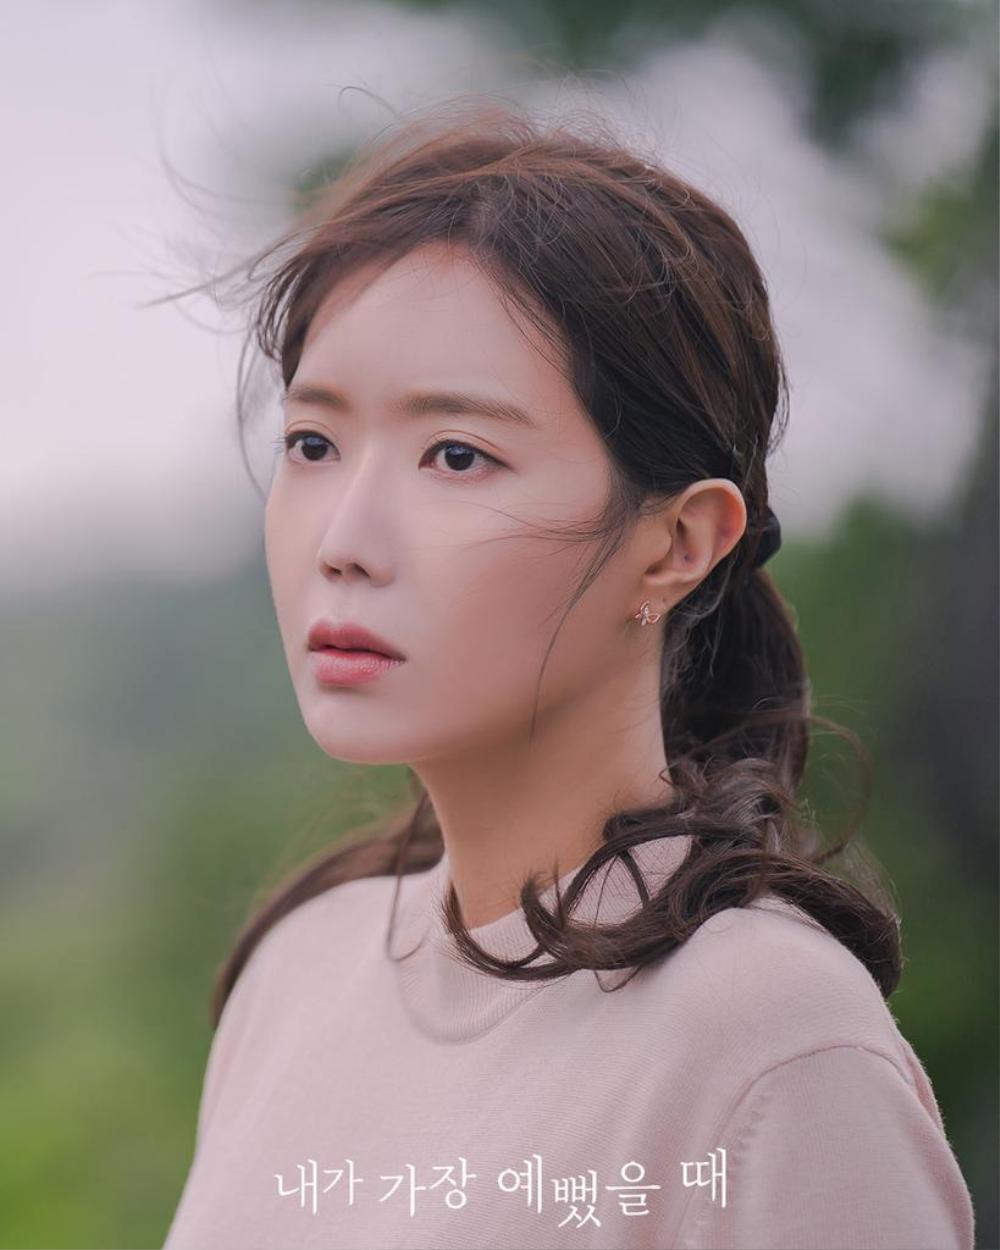 Phim của Im Soo Hyang, Ji Soo và Ha Seok Jin cùng phim của Moon Chae Won và Lee Joon Gi đều đạt rating cao nhất kể từ khi lên sóng Ảnh 1